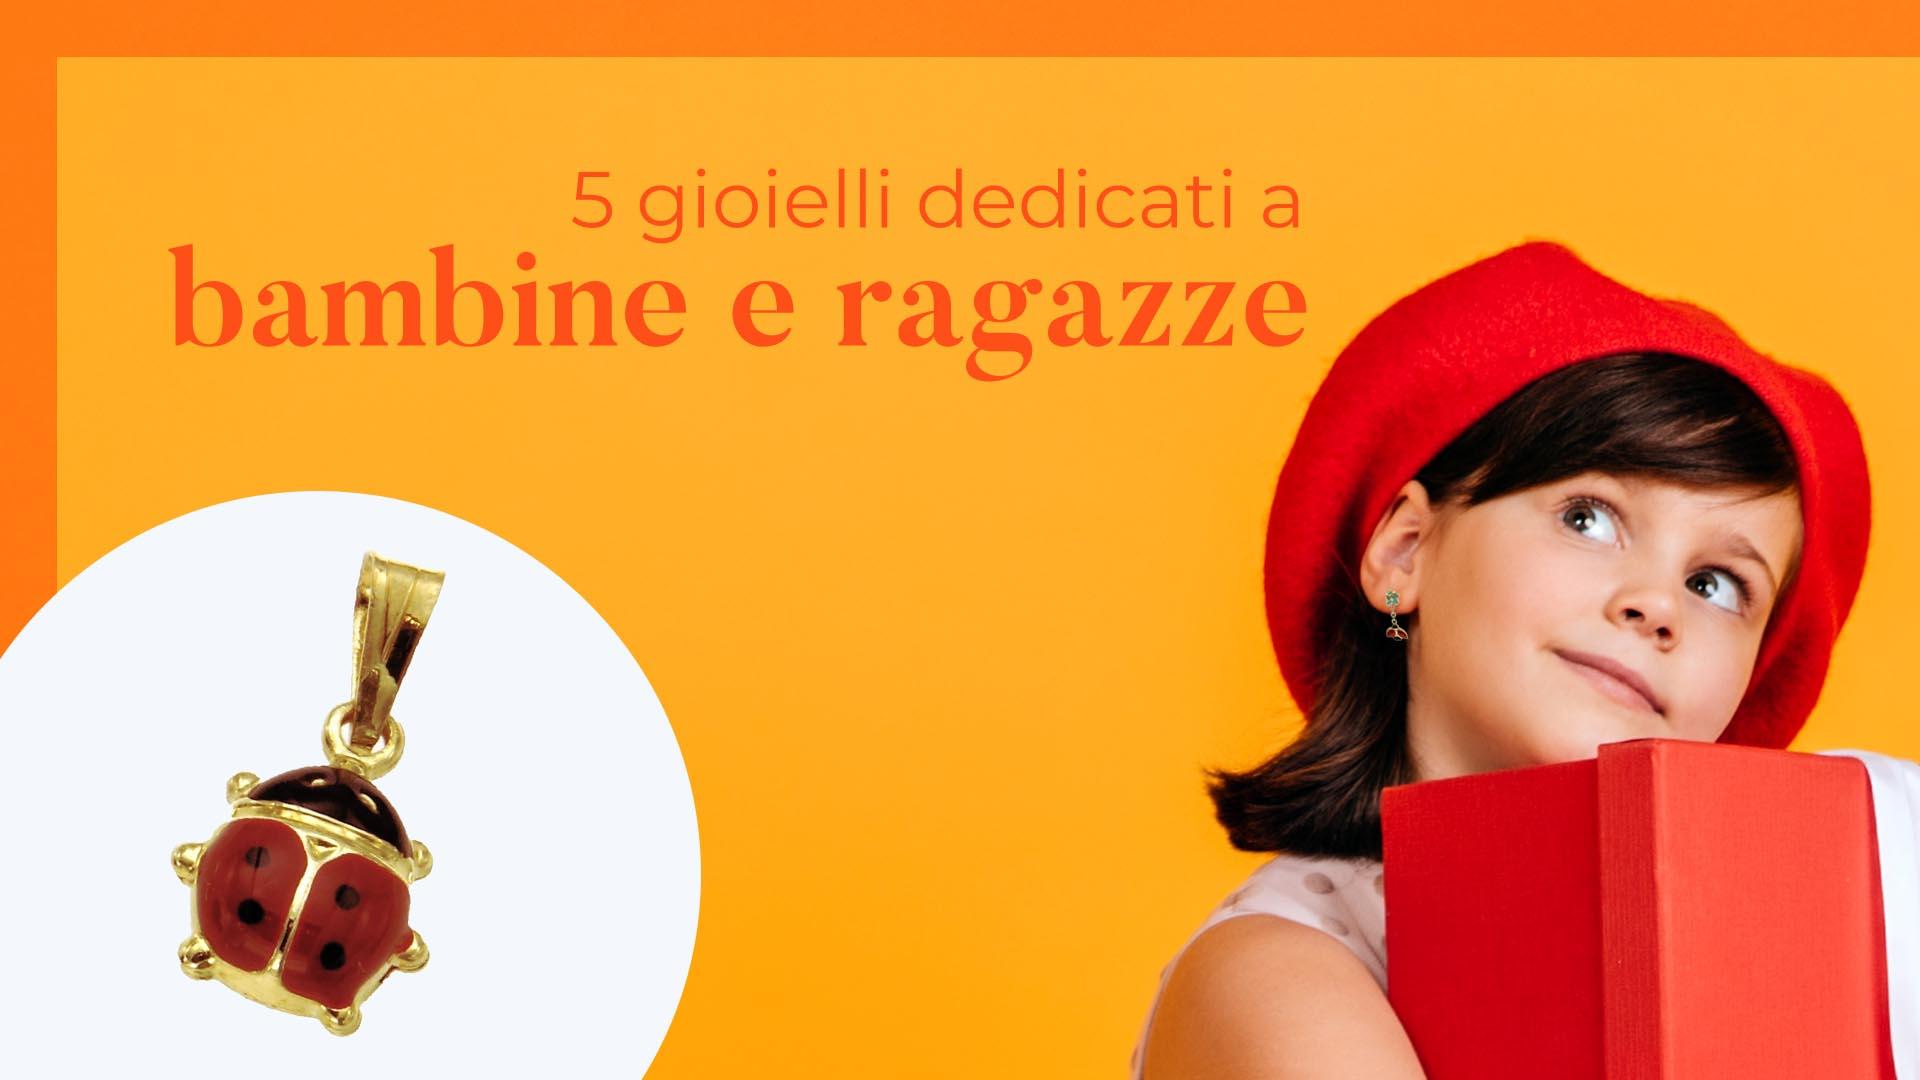 Gioielli per bambine indossate da una giovane modella con basco arancione che tiene una scatola regalo